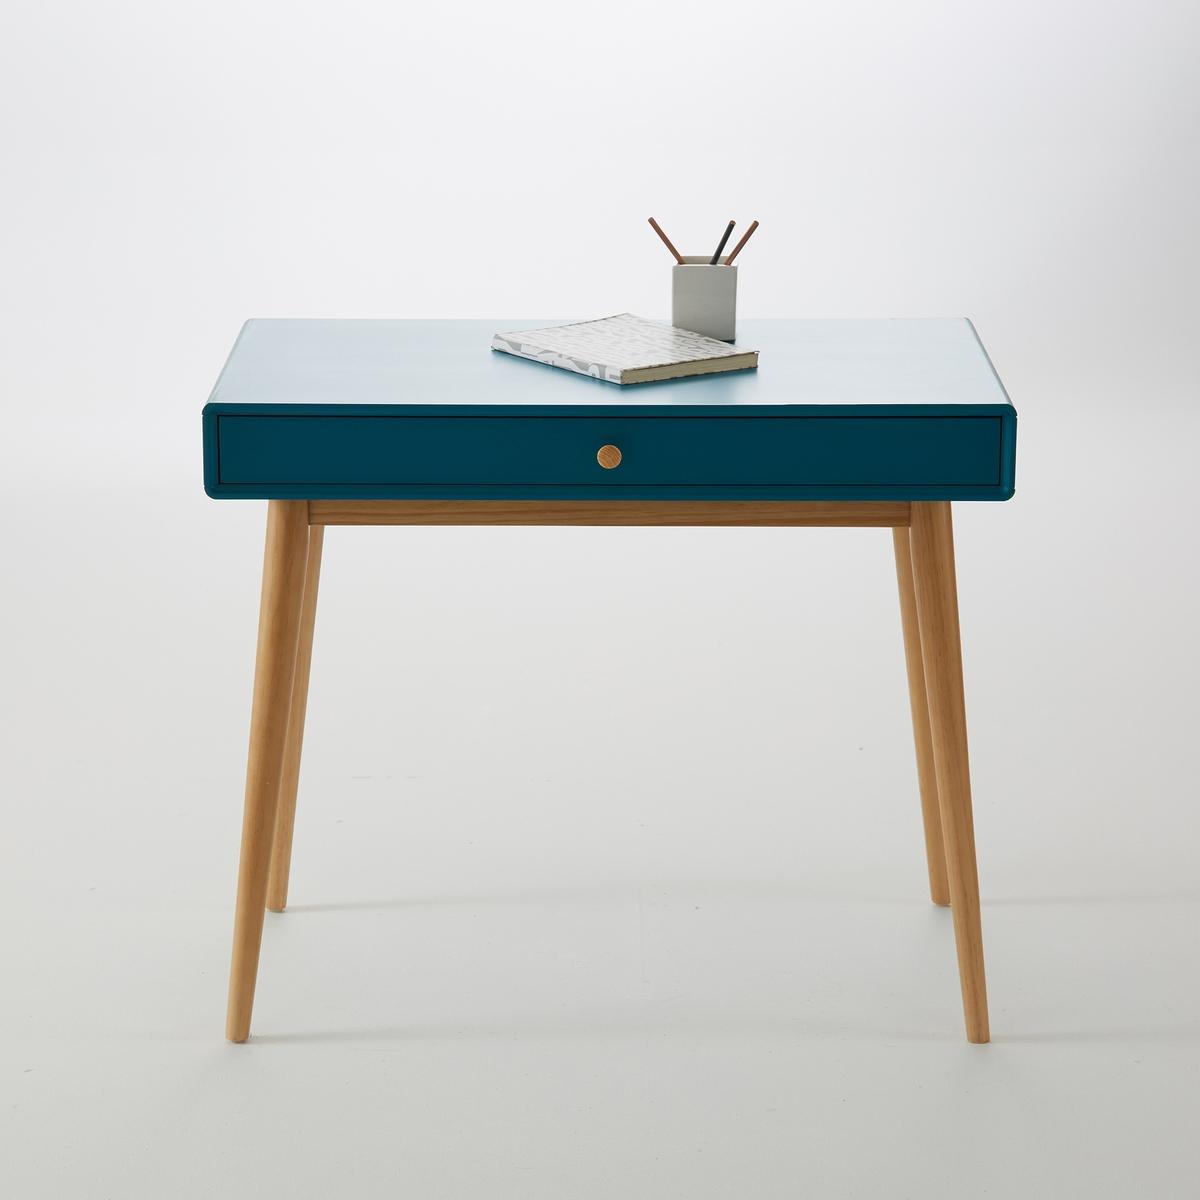 Стол La Redoute Письменный с ящиком JIMI единый размер синий